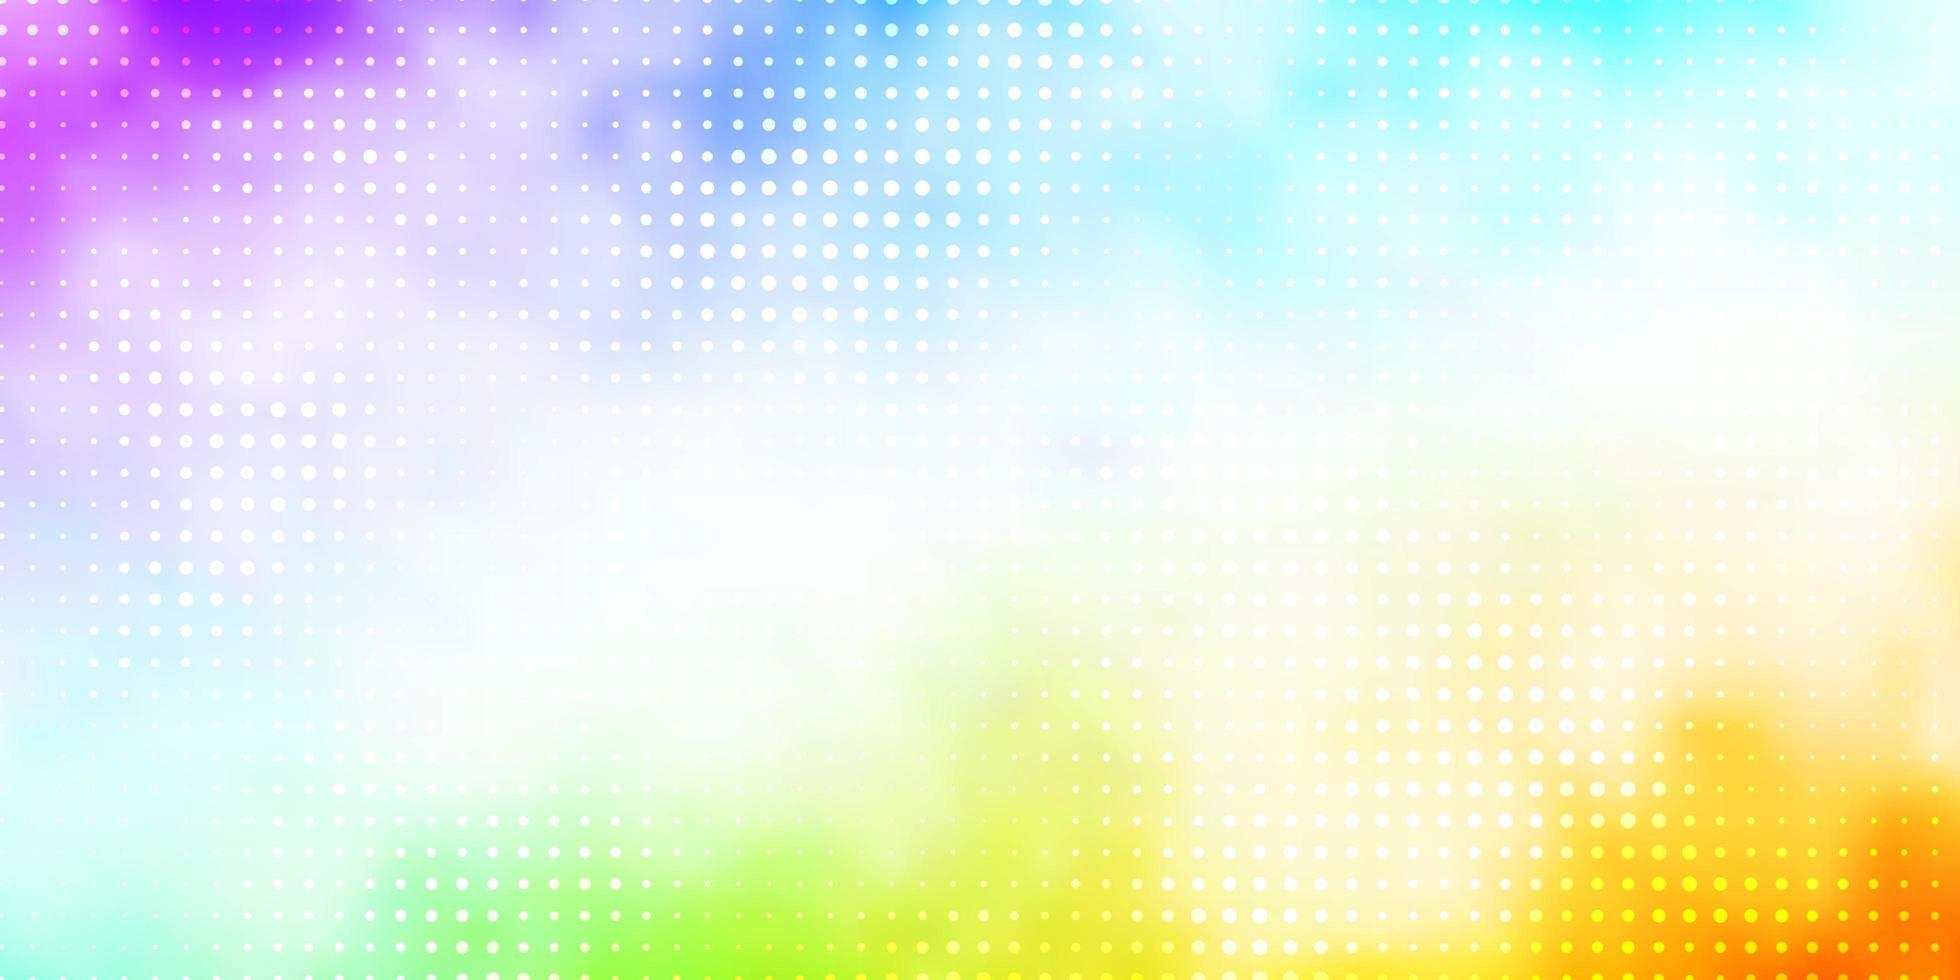 veelkleurige sjabloon met cirkels. vector